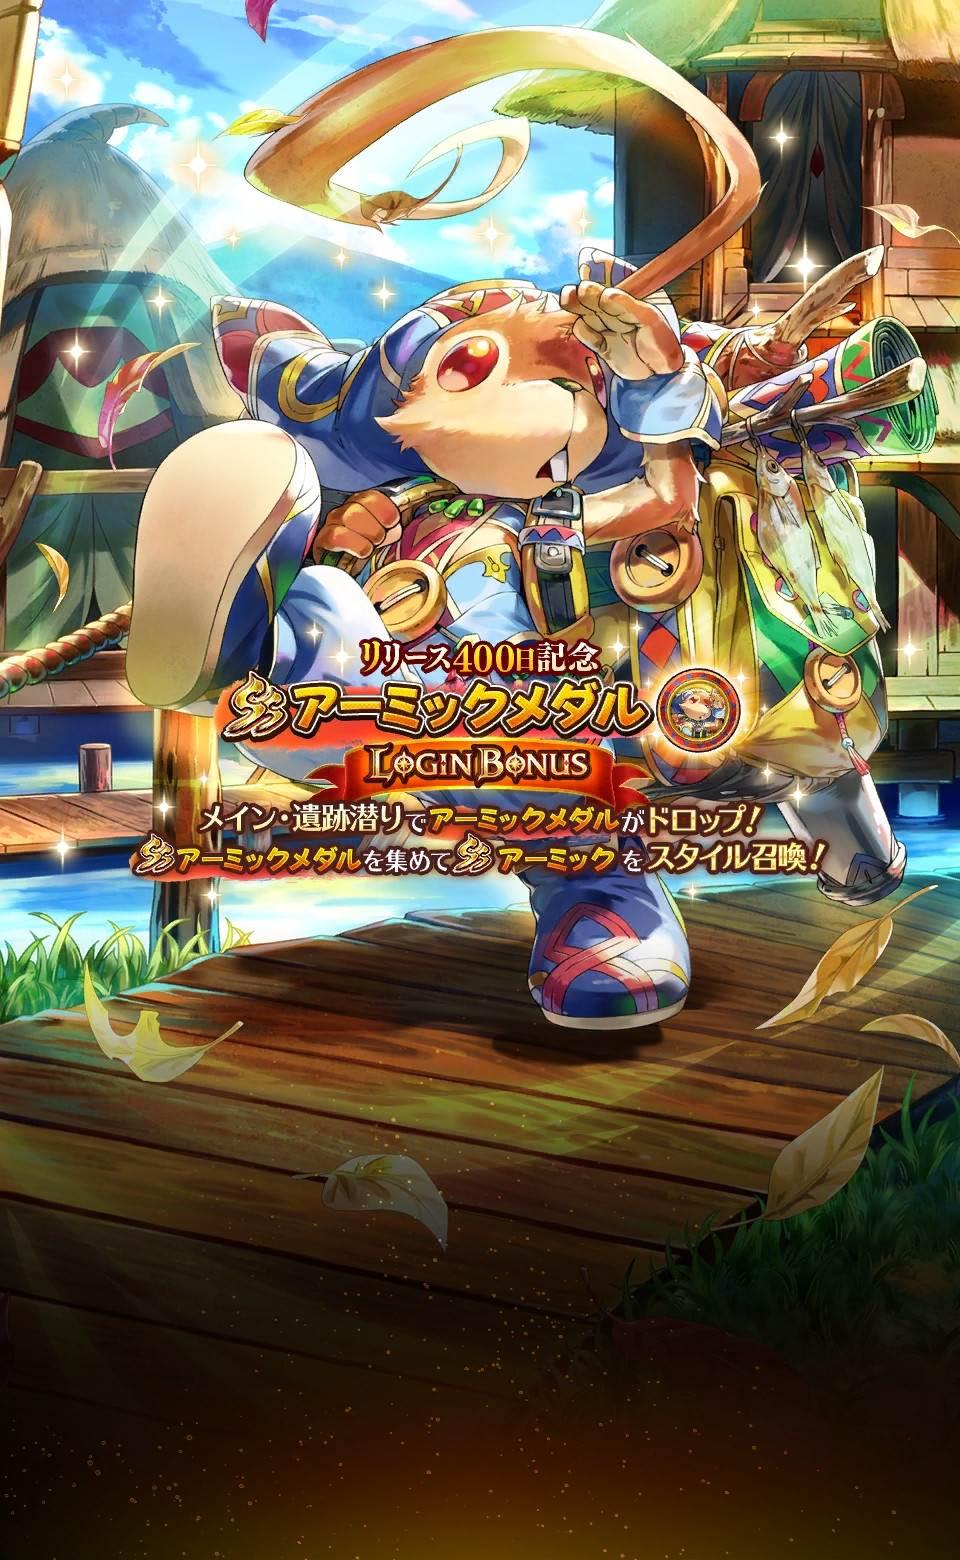 【ロマサガRS】うおおおおぉぉぉぉ!! アーミックさん配布キタ━━━(゚∀゚)━━━!! ・・すまん、アーミックって誰や?